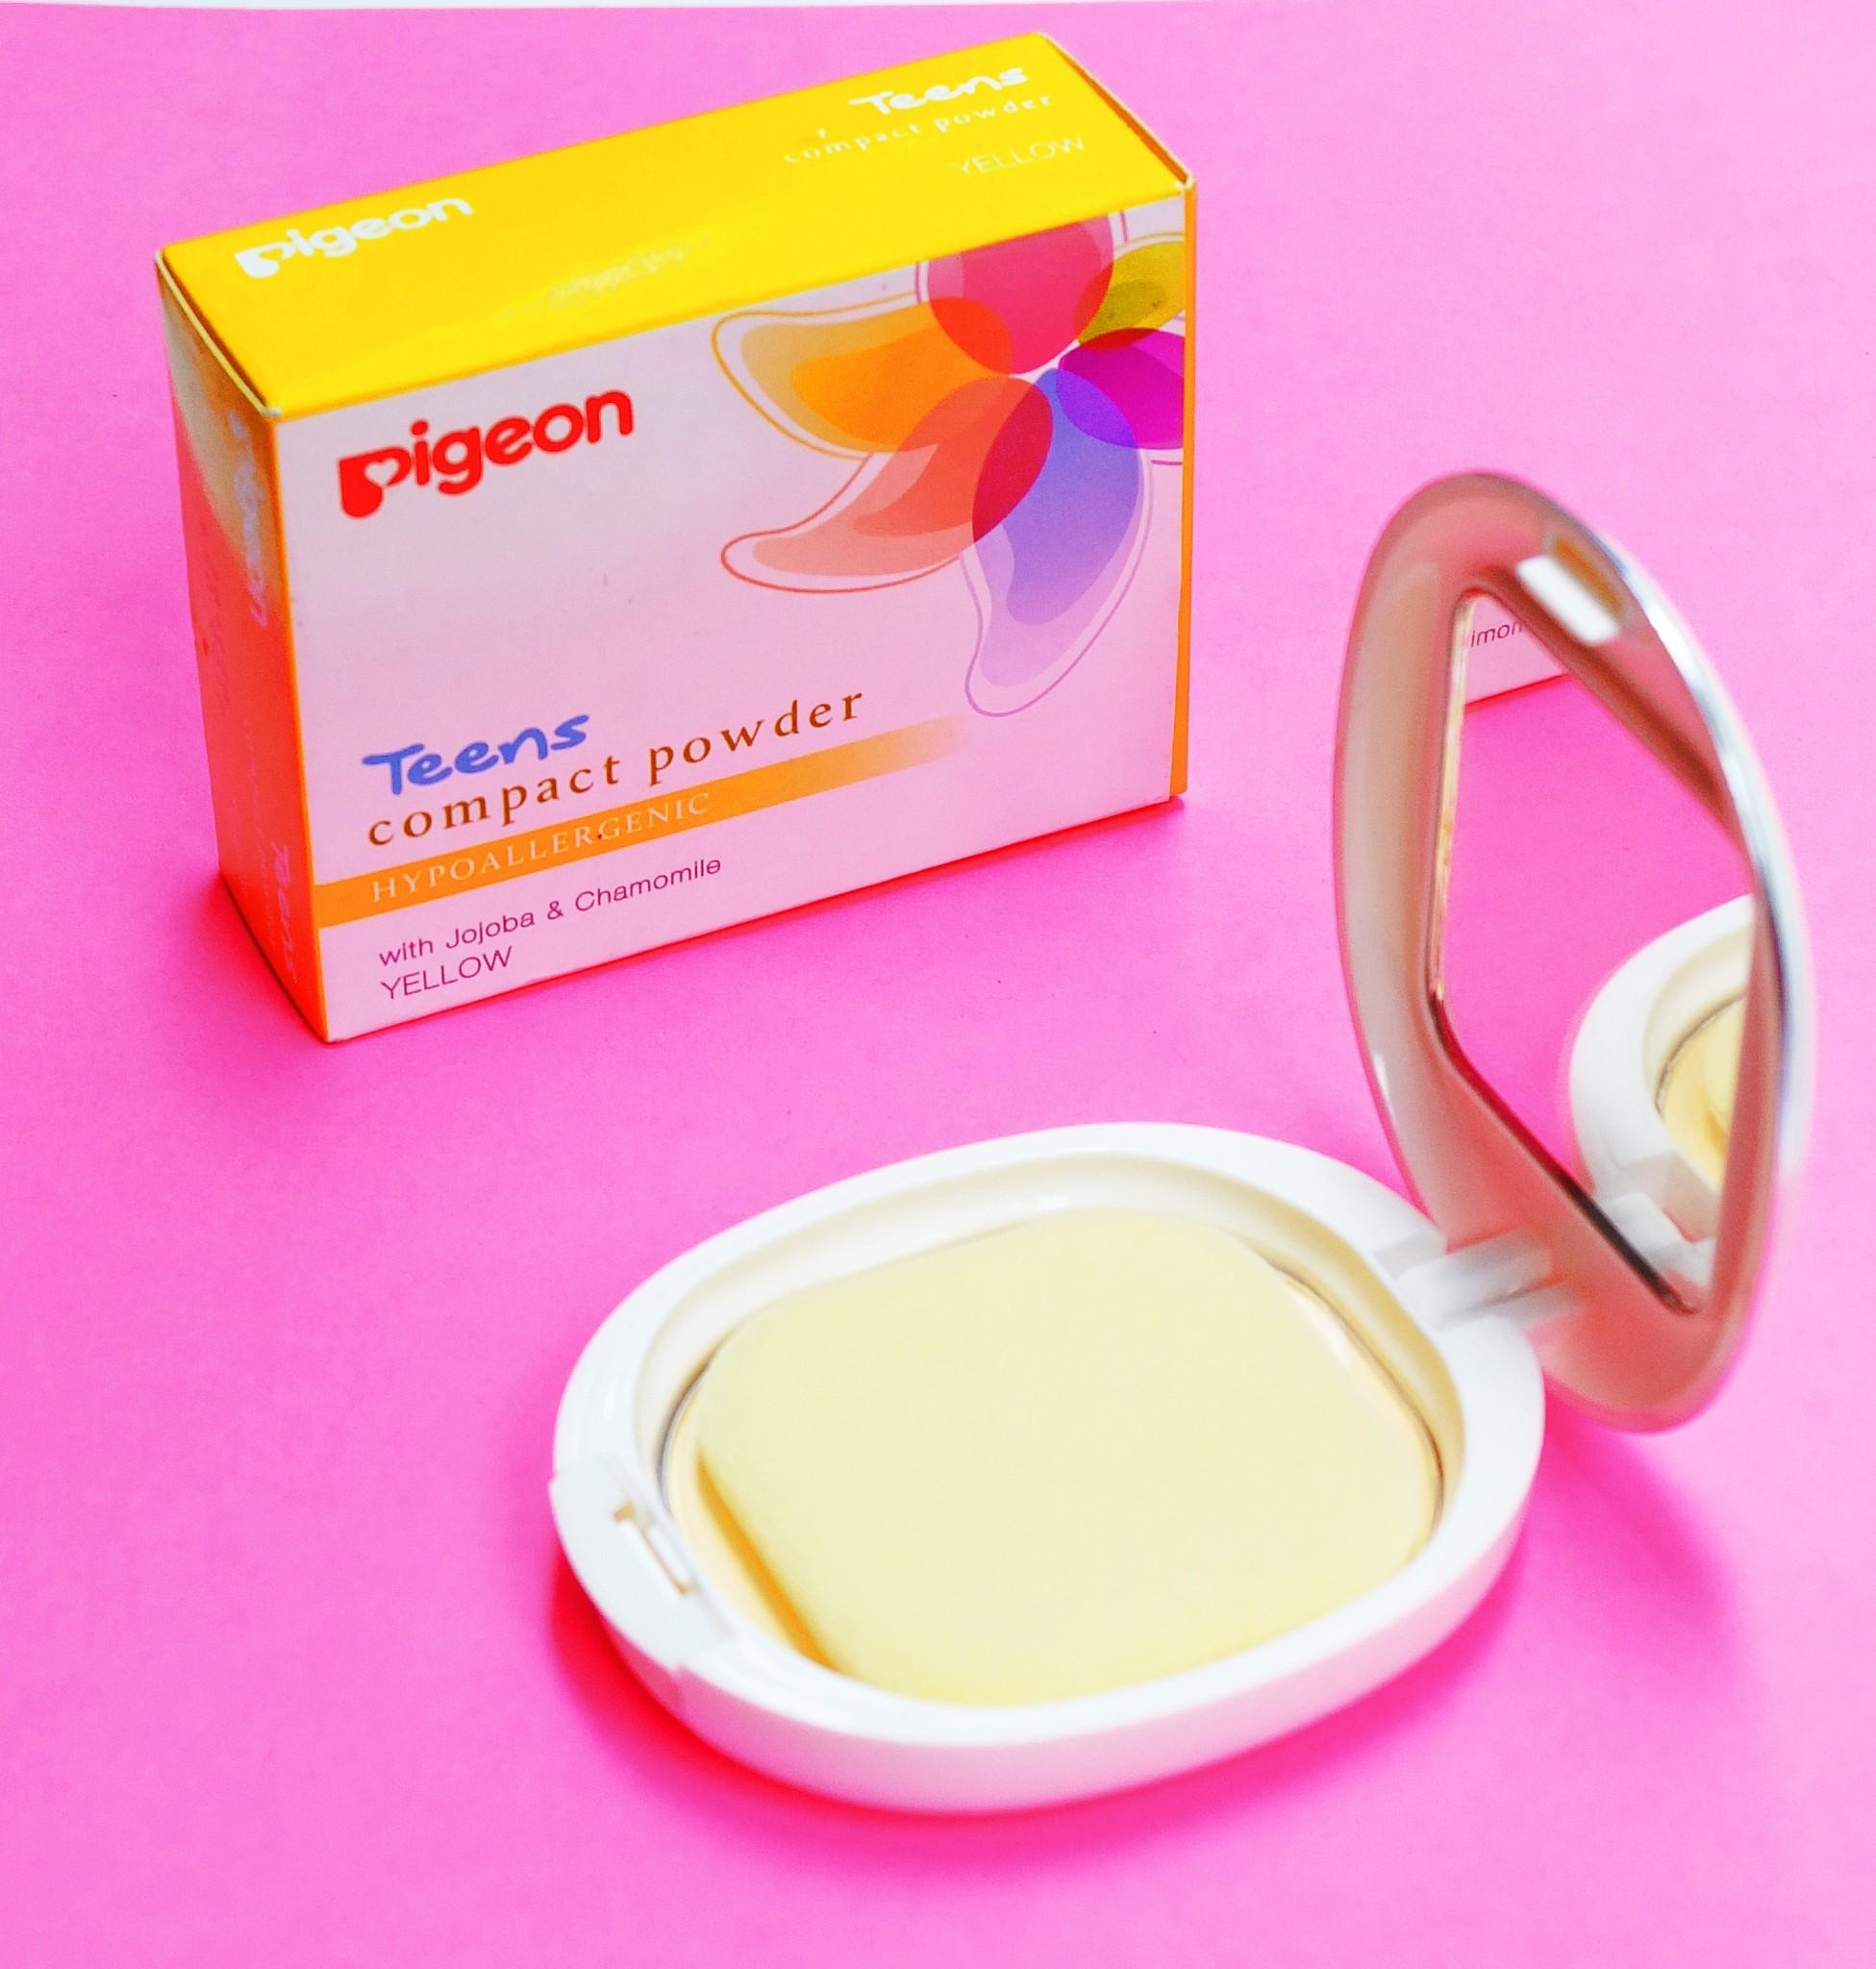 12 Rekomendasi Compact Powder Yang Cocok Banget Untuk Remaja Spice Bedak Padat Pigeon Teens Hypoallergenic Rp 30000